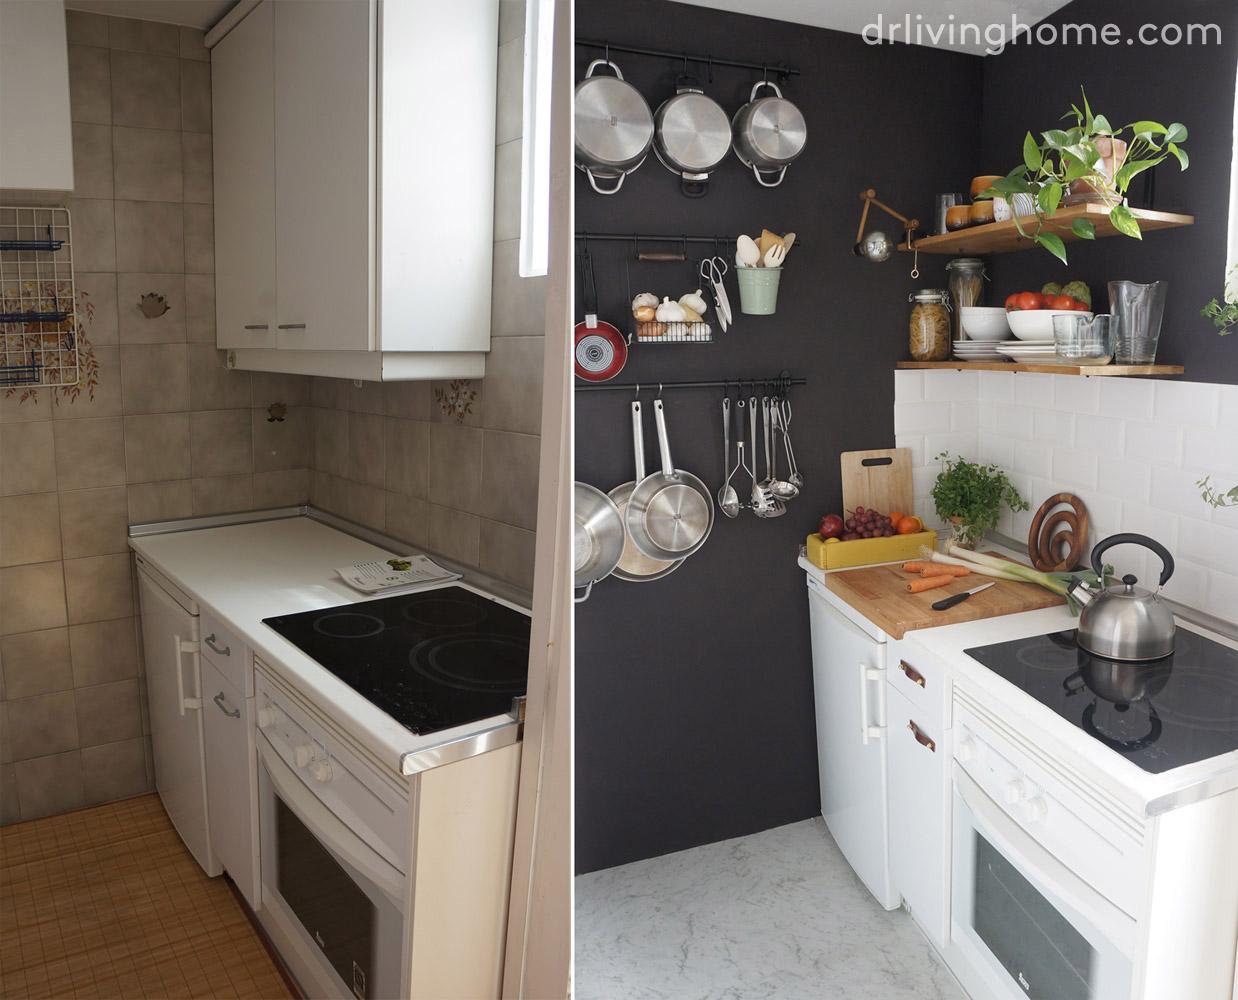 Renovar la cocina sin obras iii c mo alicatar sobre alicatado blog decoraci n con tu estilo - Alicatado cocina ...